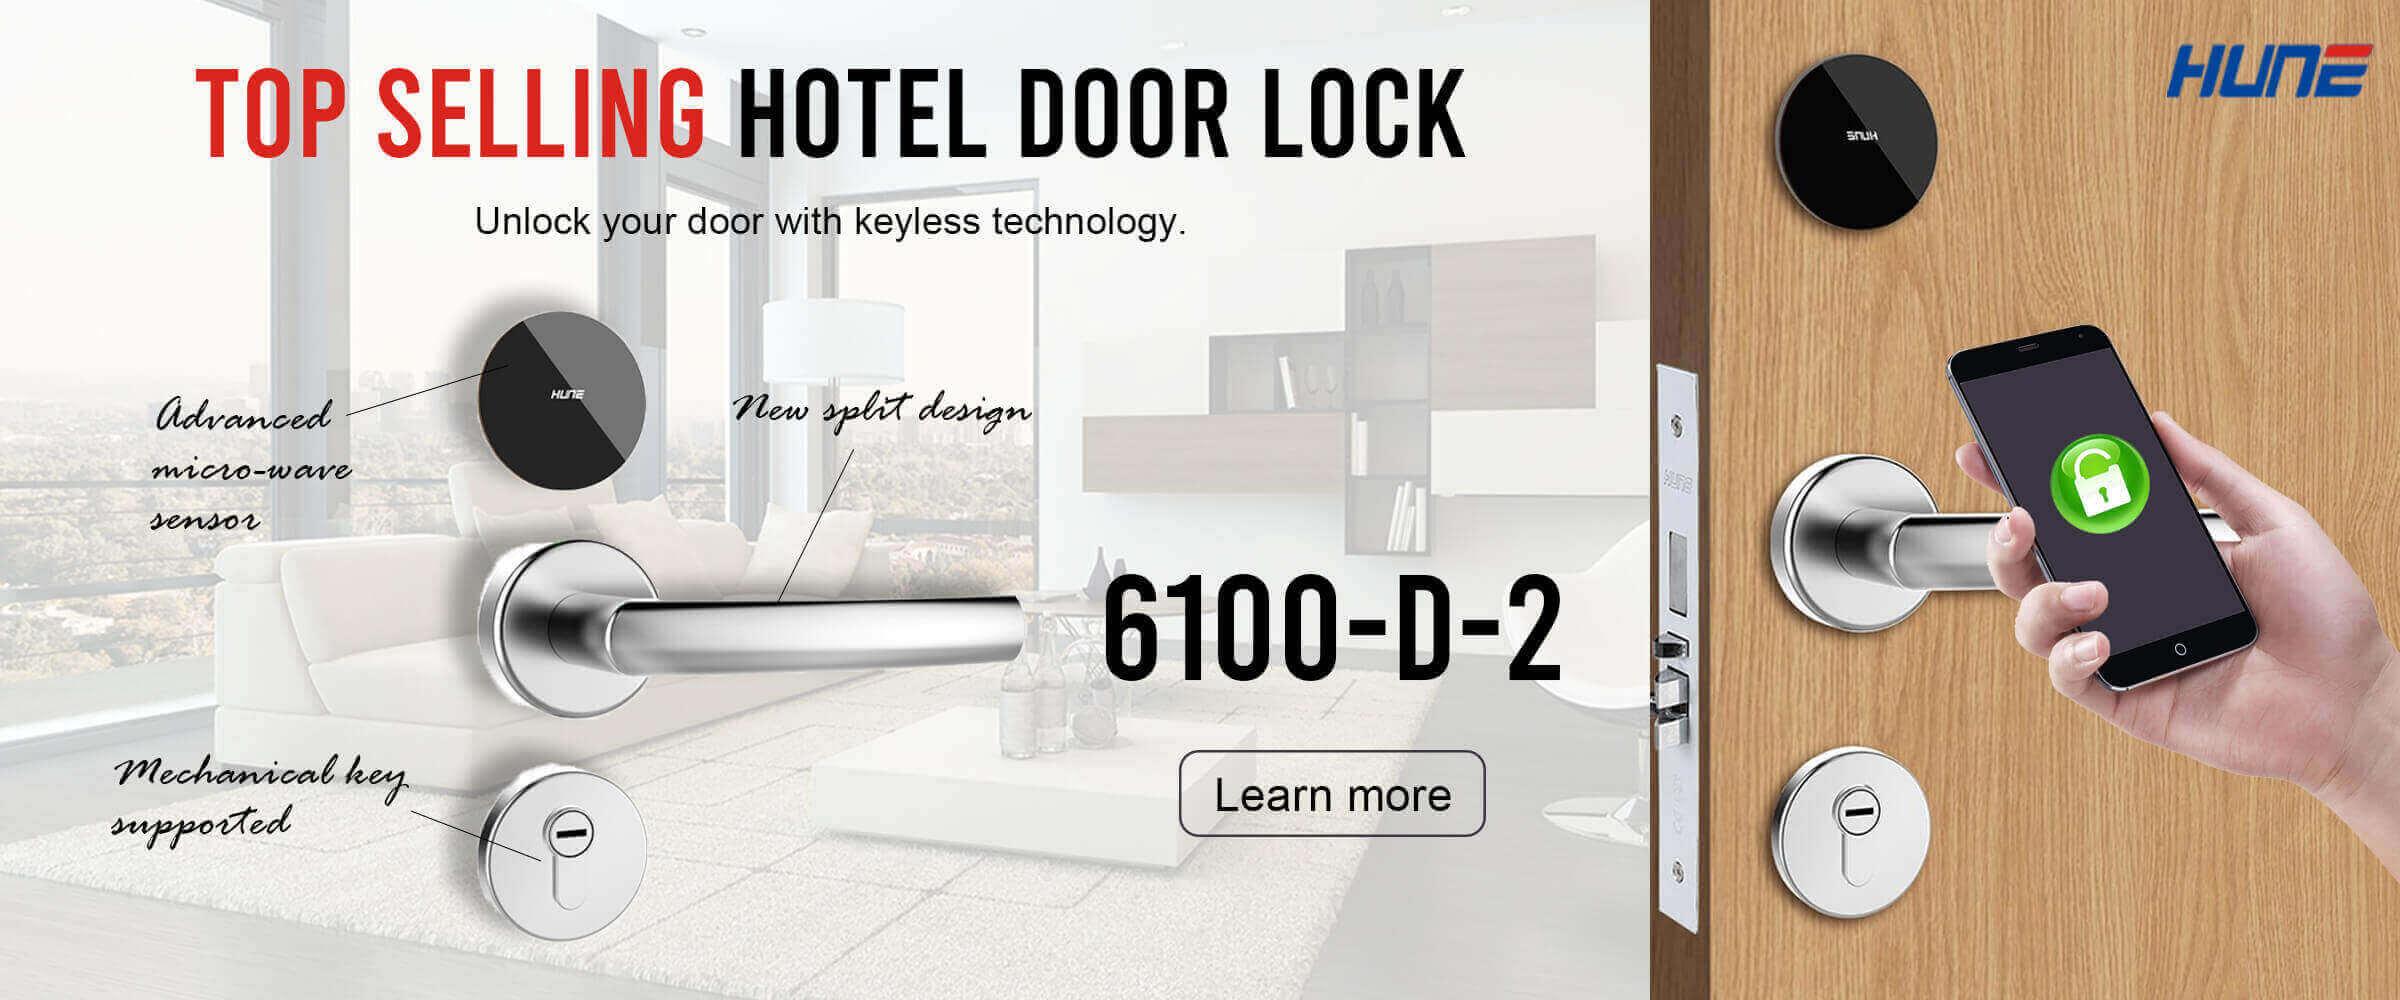 Top selling hotel door lock